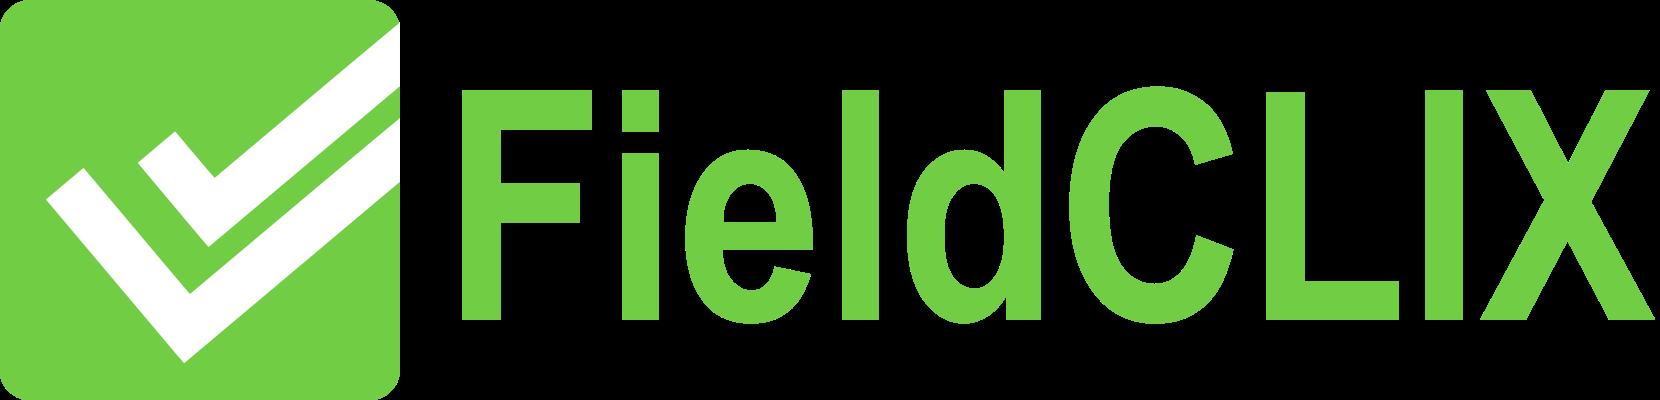 FieldCLIX